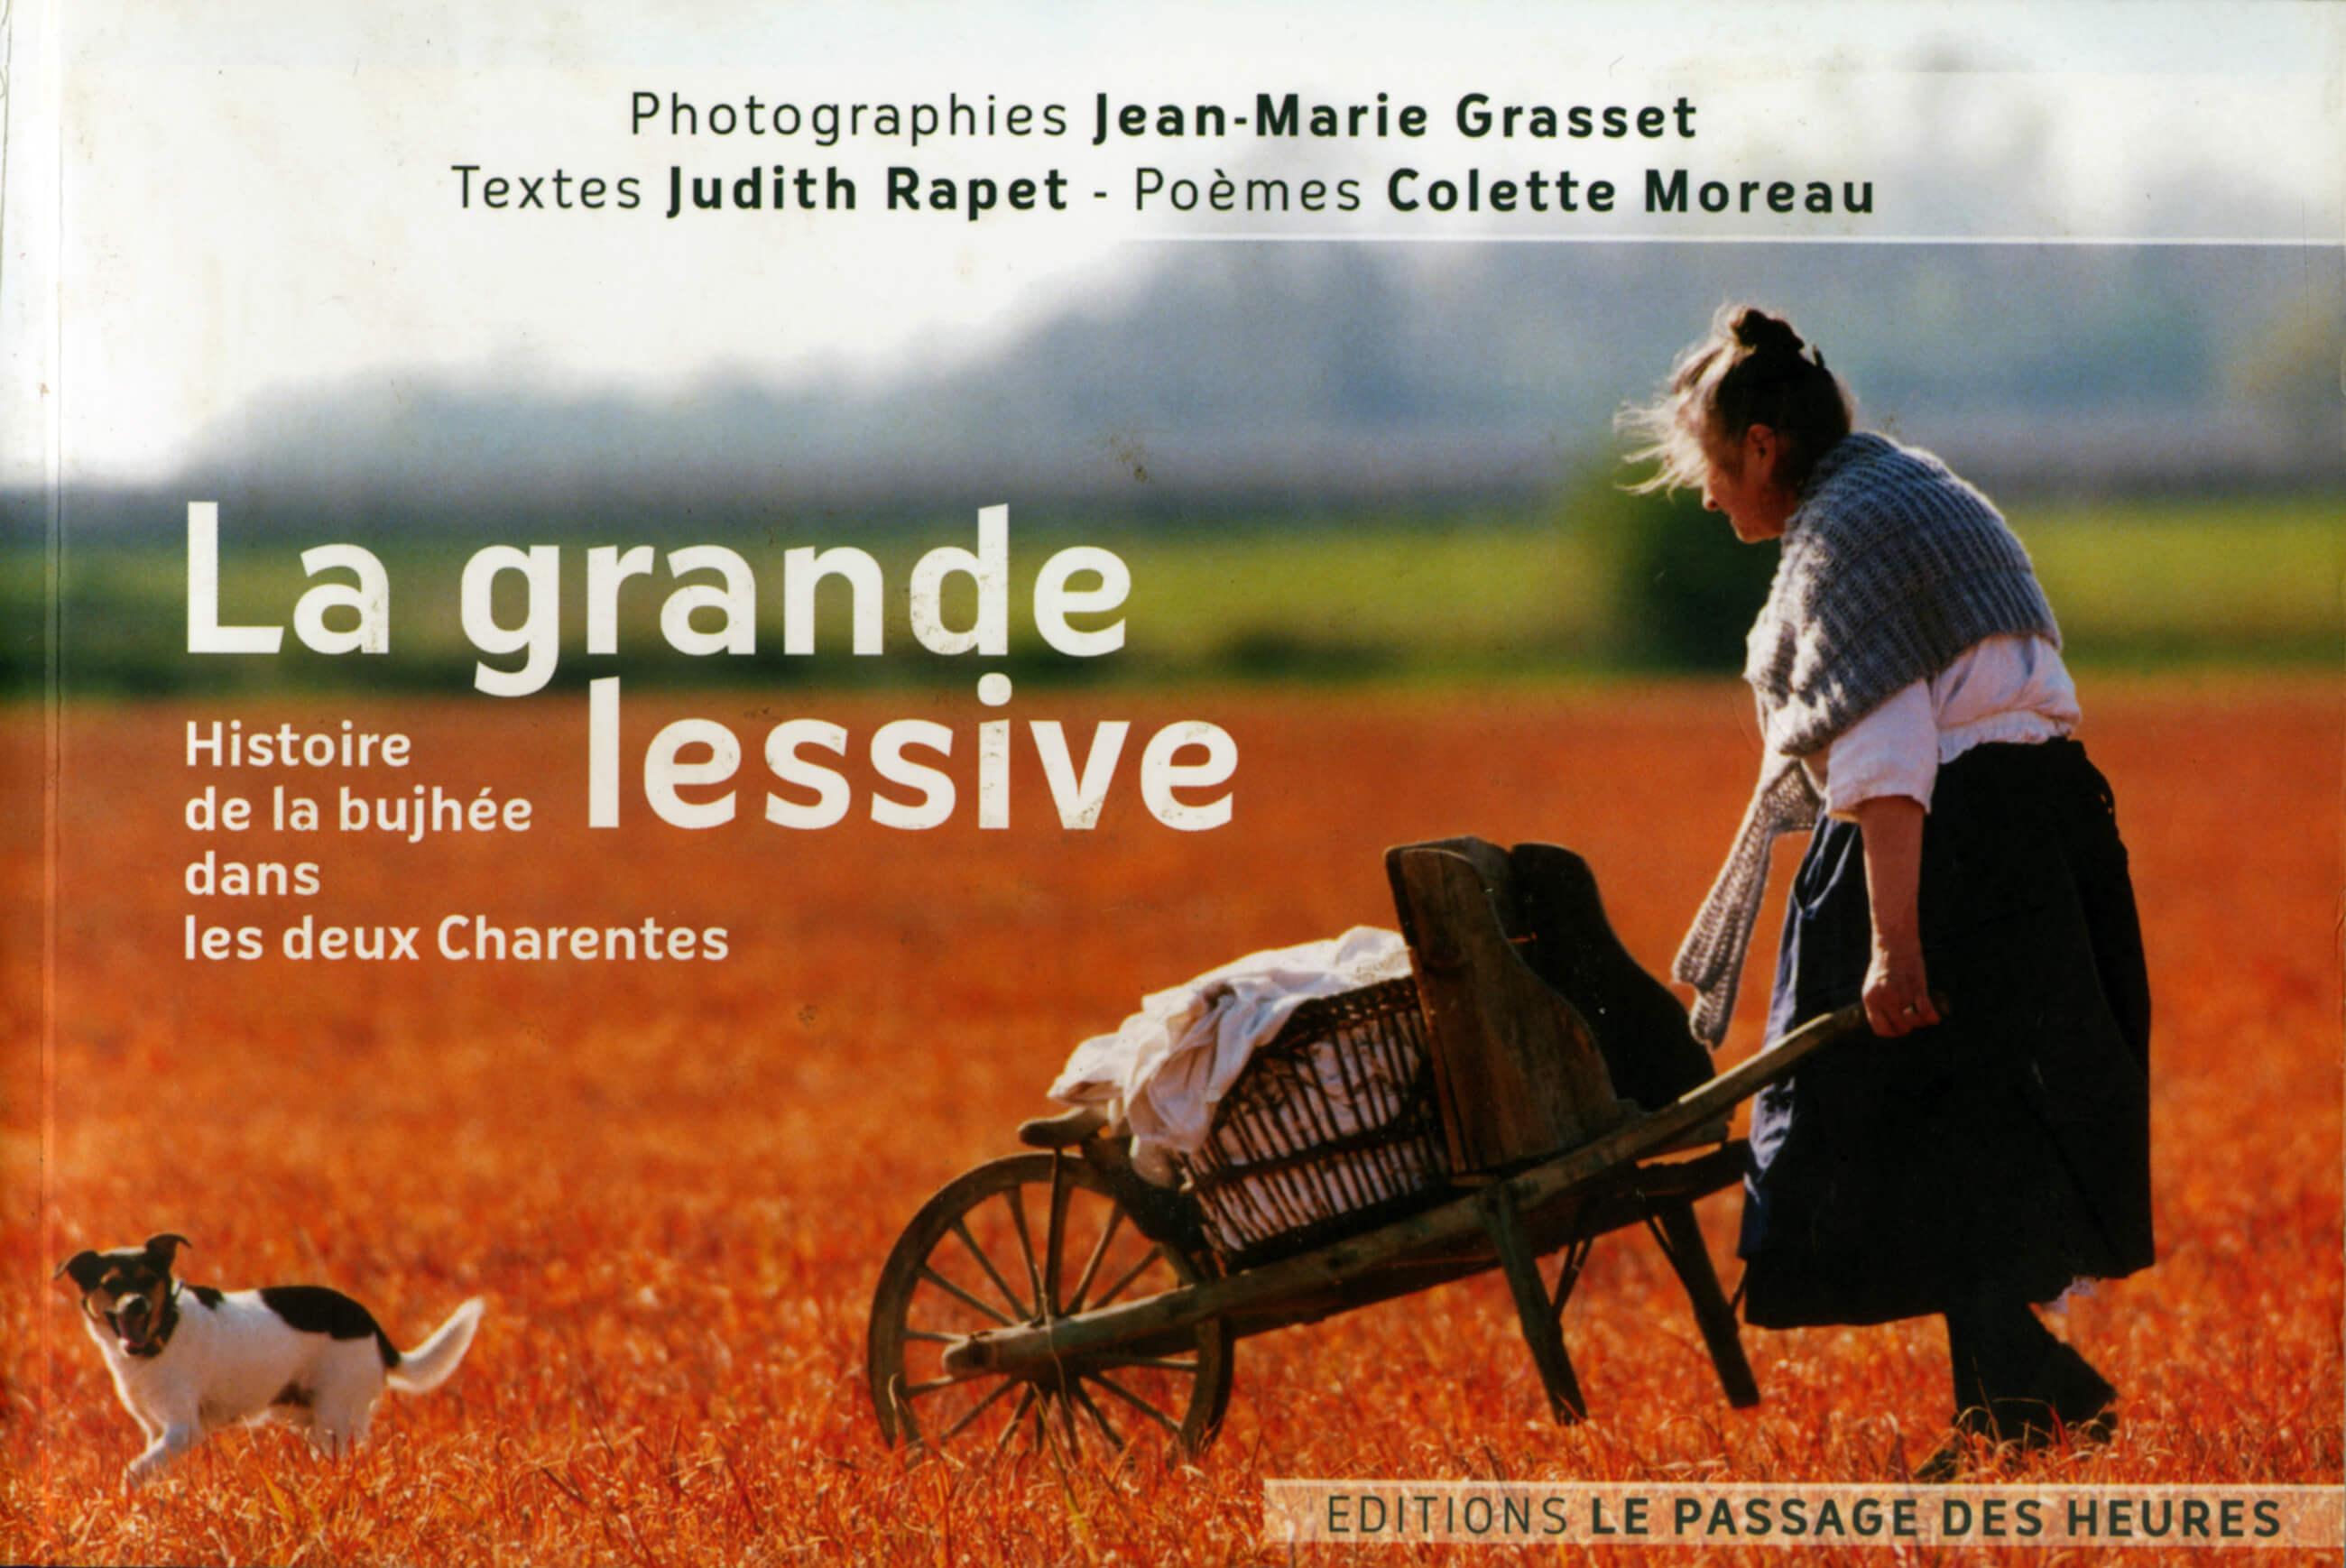 PDM 2012 - Judith RAPET, textes ; Colette MOREAU, poèmes ; Jean-Marie GRASSET, photographies ; La grande lessive - Éditions Le passage des Heures